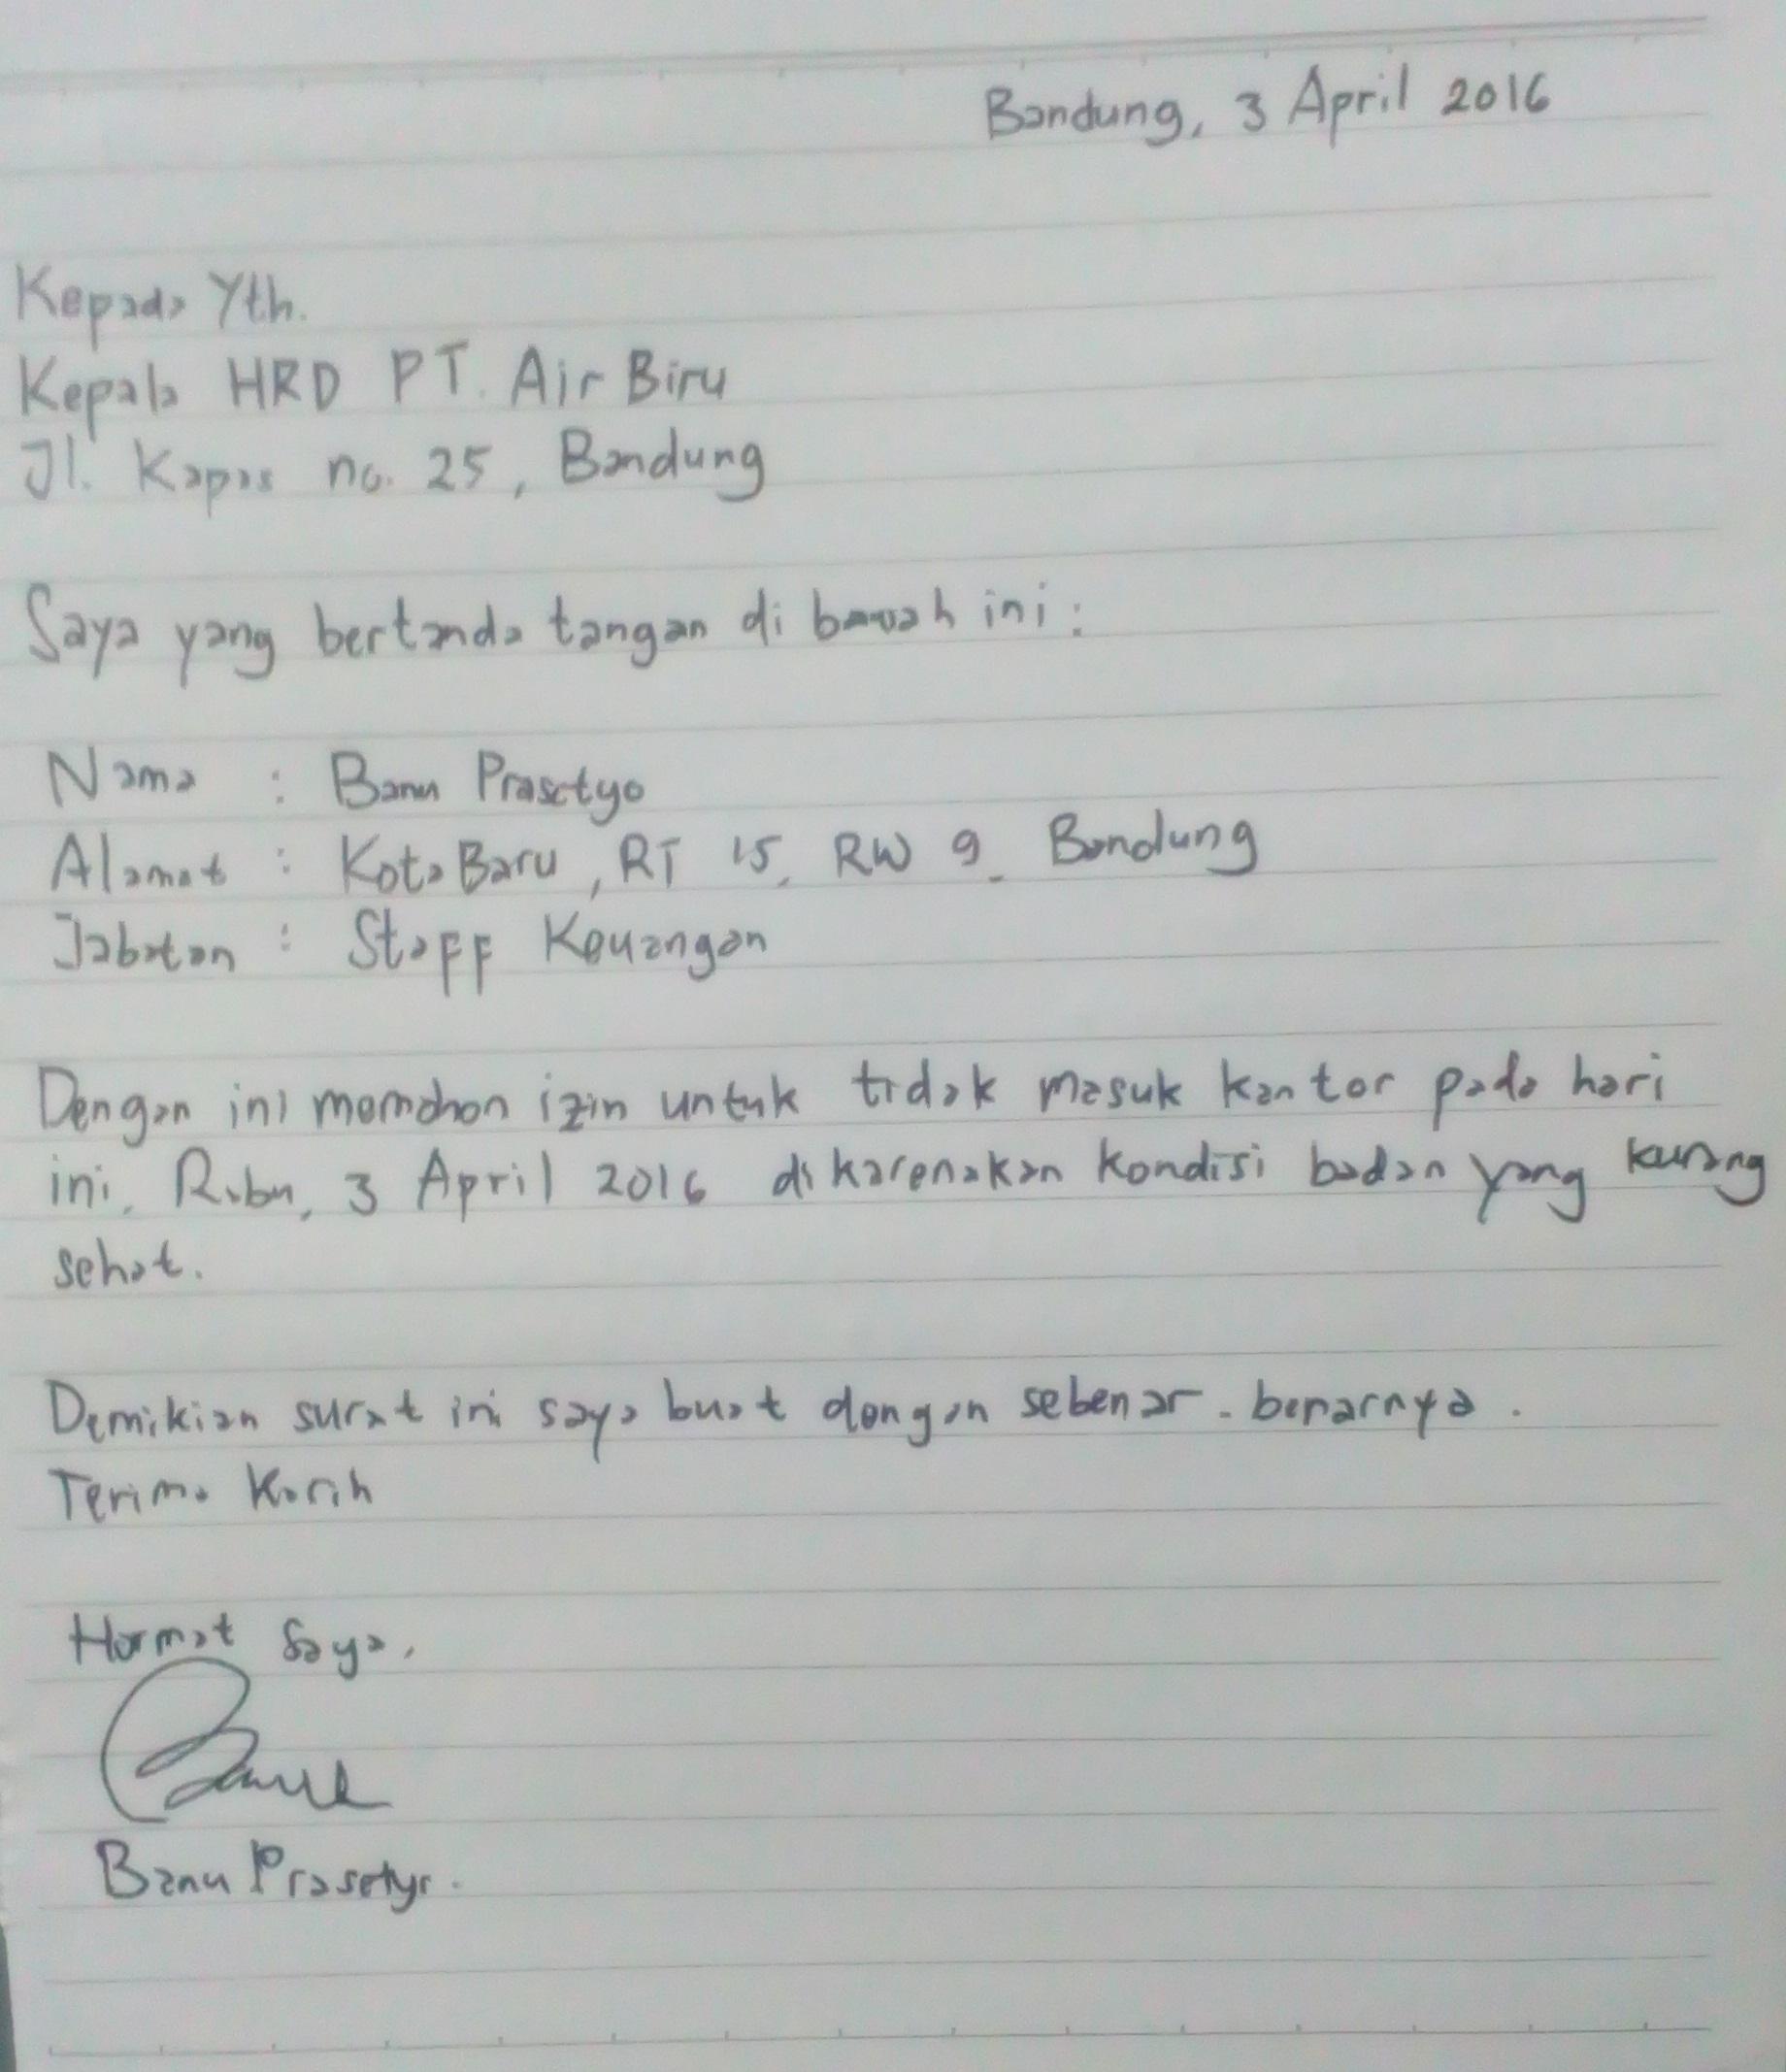 21 Contoh Surat Izin Tidak Masuk Kerja Lengkap Mamikos Info